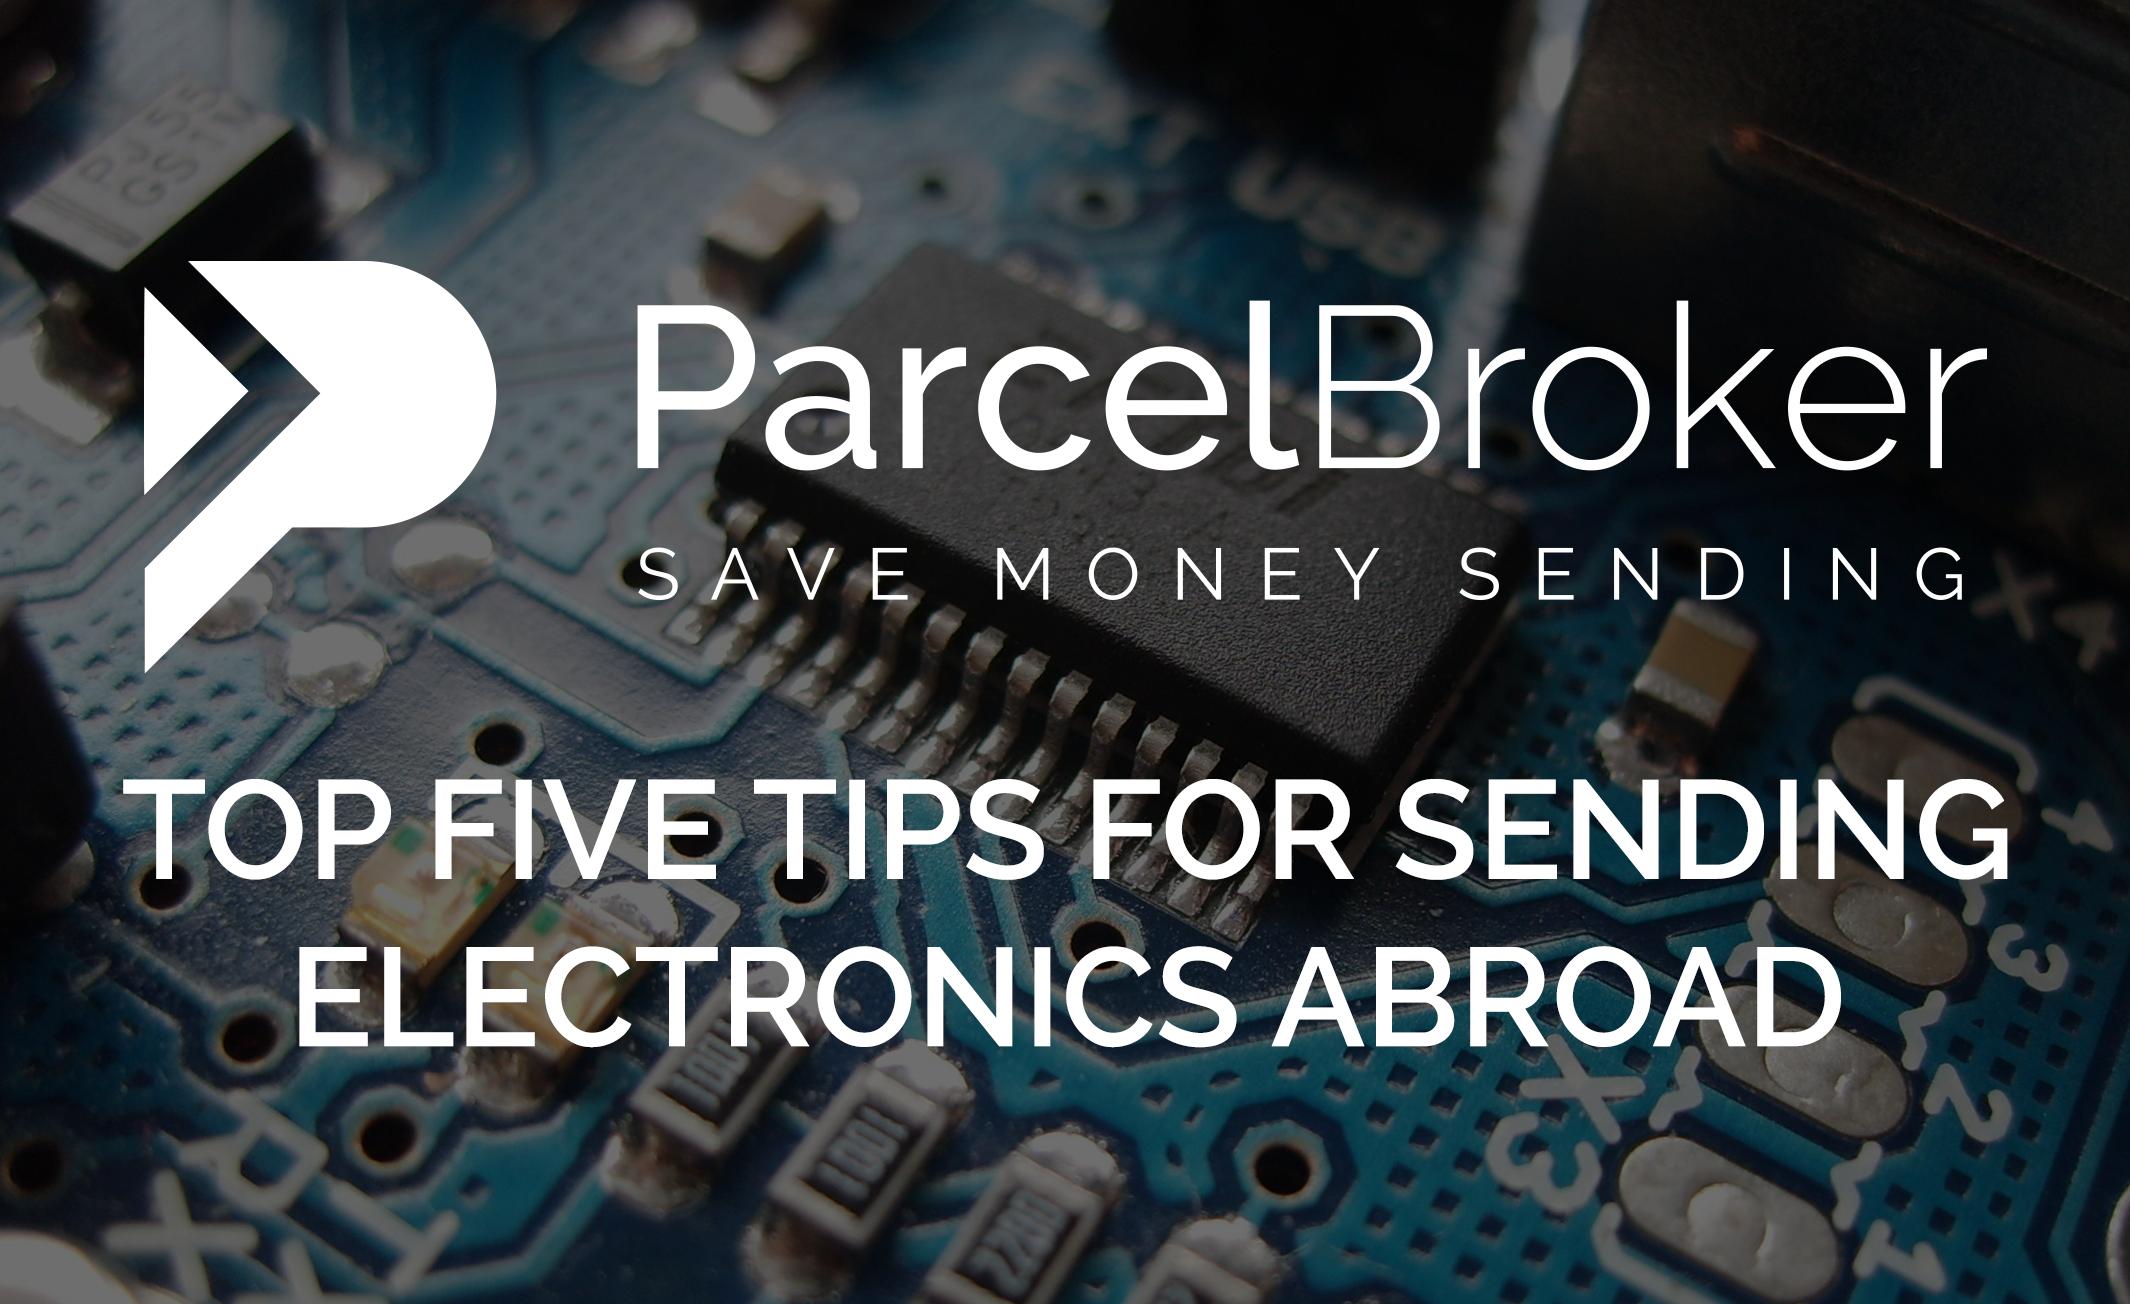 """""""Top Five Tips for Sending Electronics Abroad - ParcelBroker Blog"""